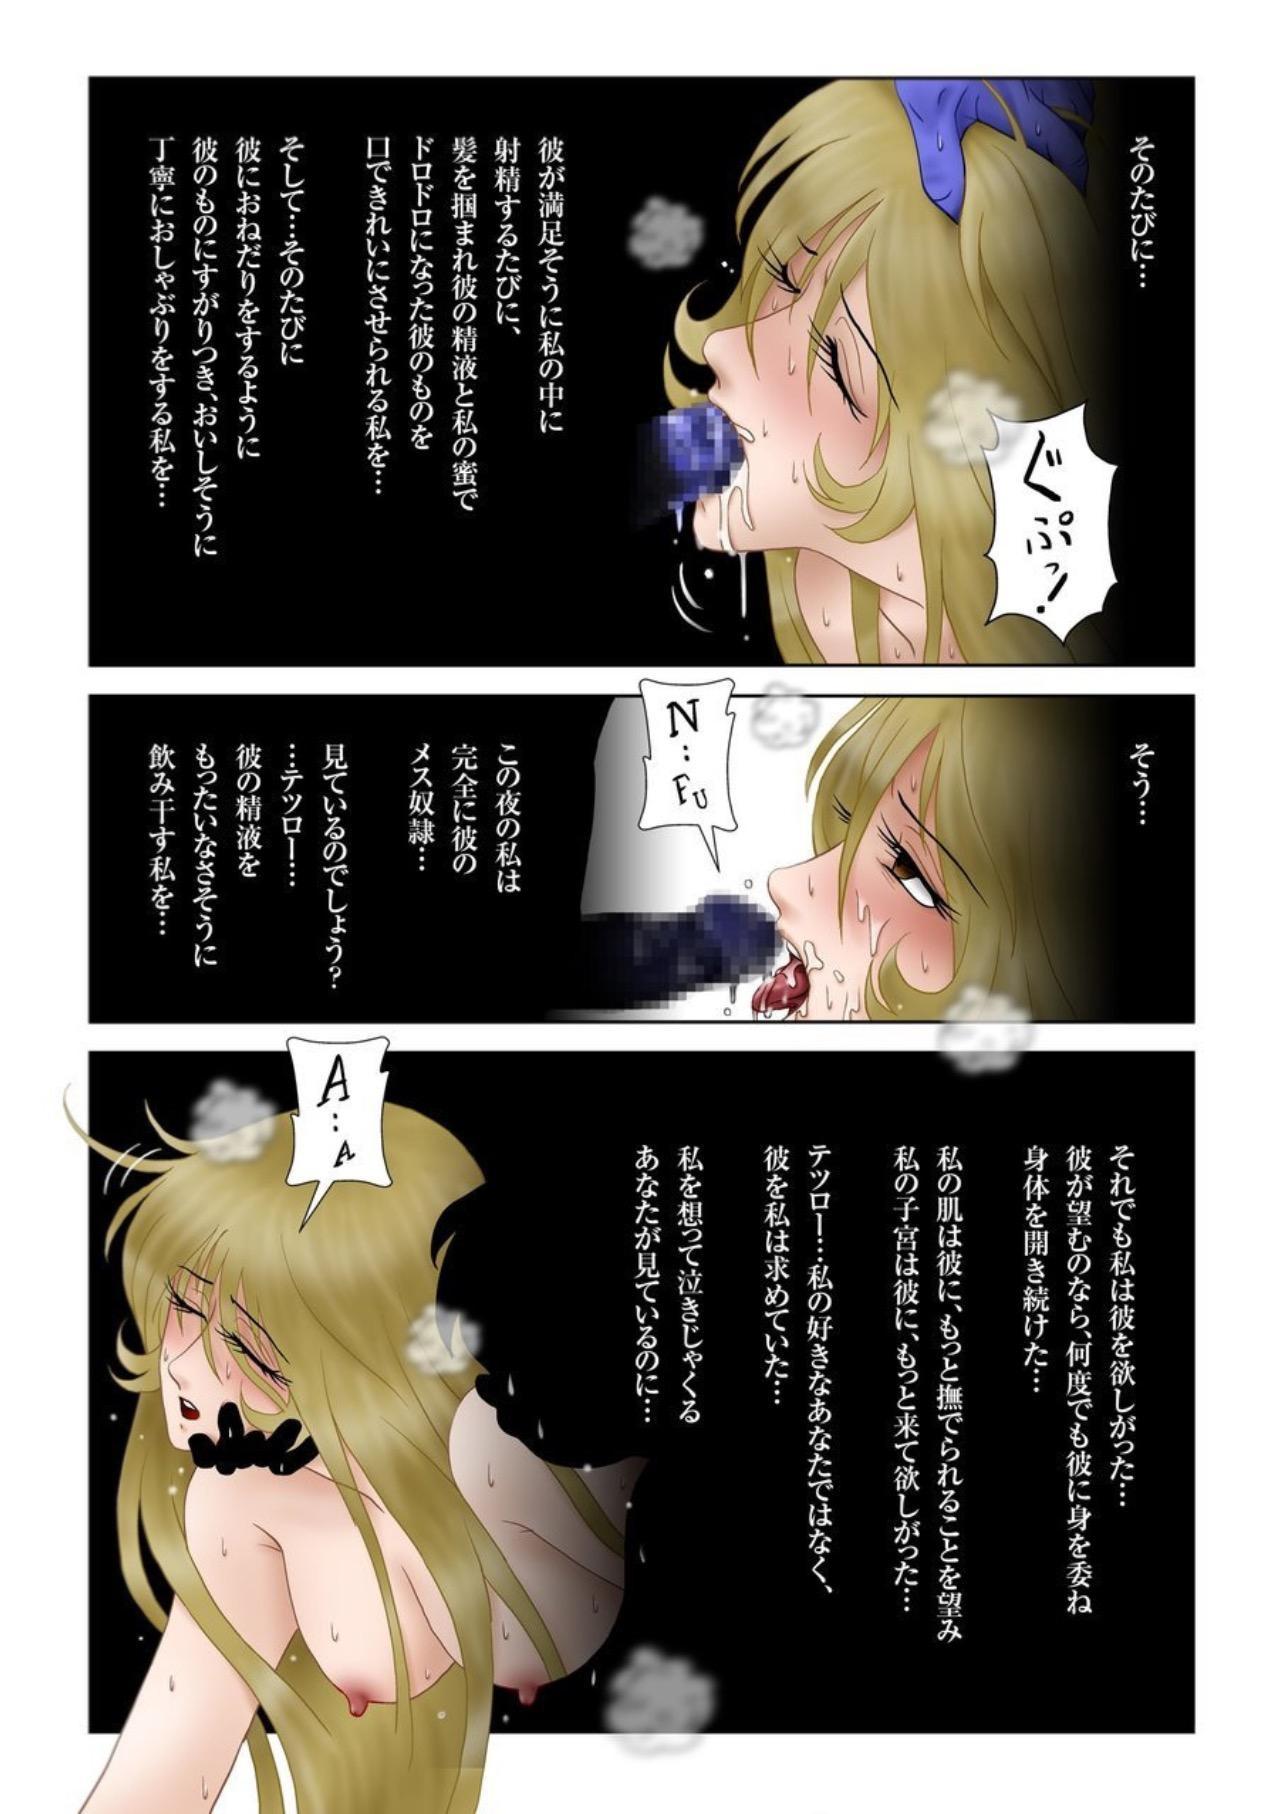 Ginga no Tabi 999-nichime no Yoru 23